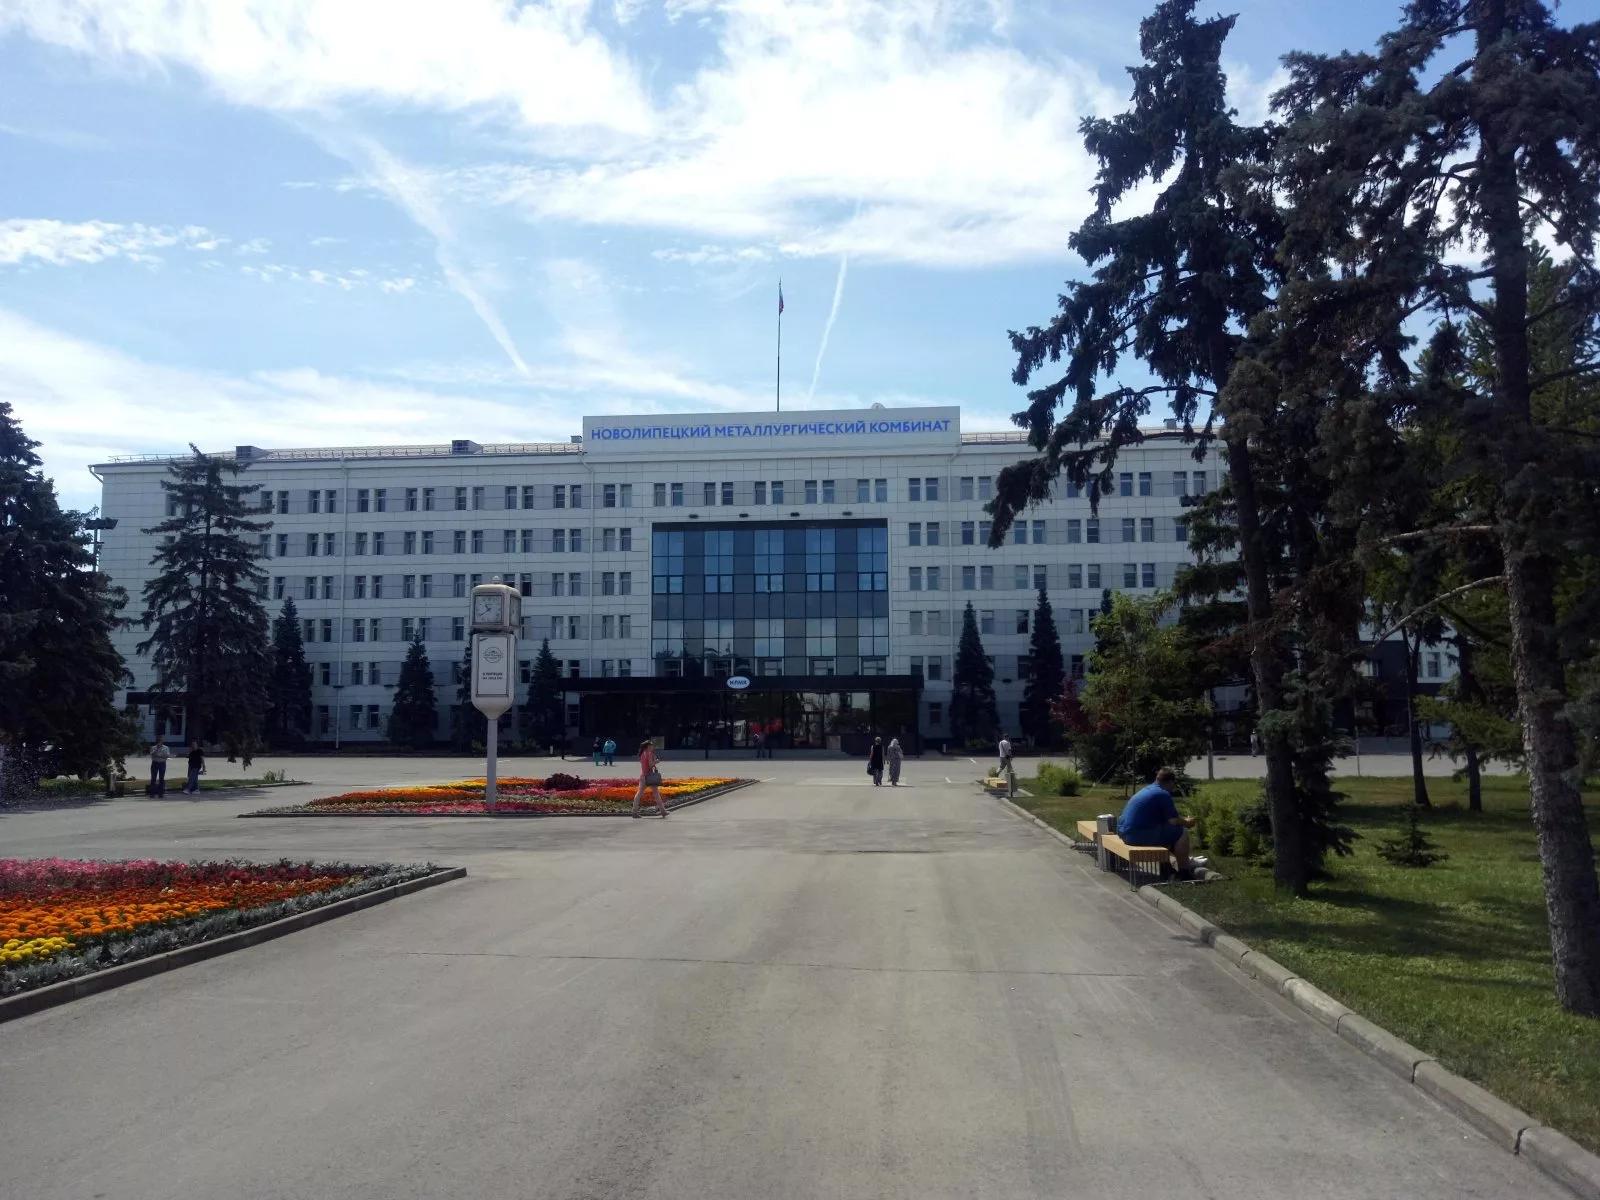 Предзаводская площадь Новолипецкого металлургического комбината, Липецк